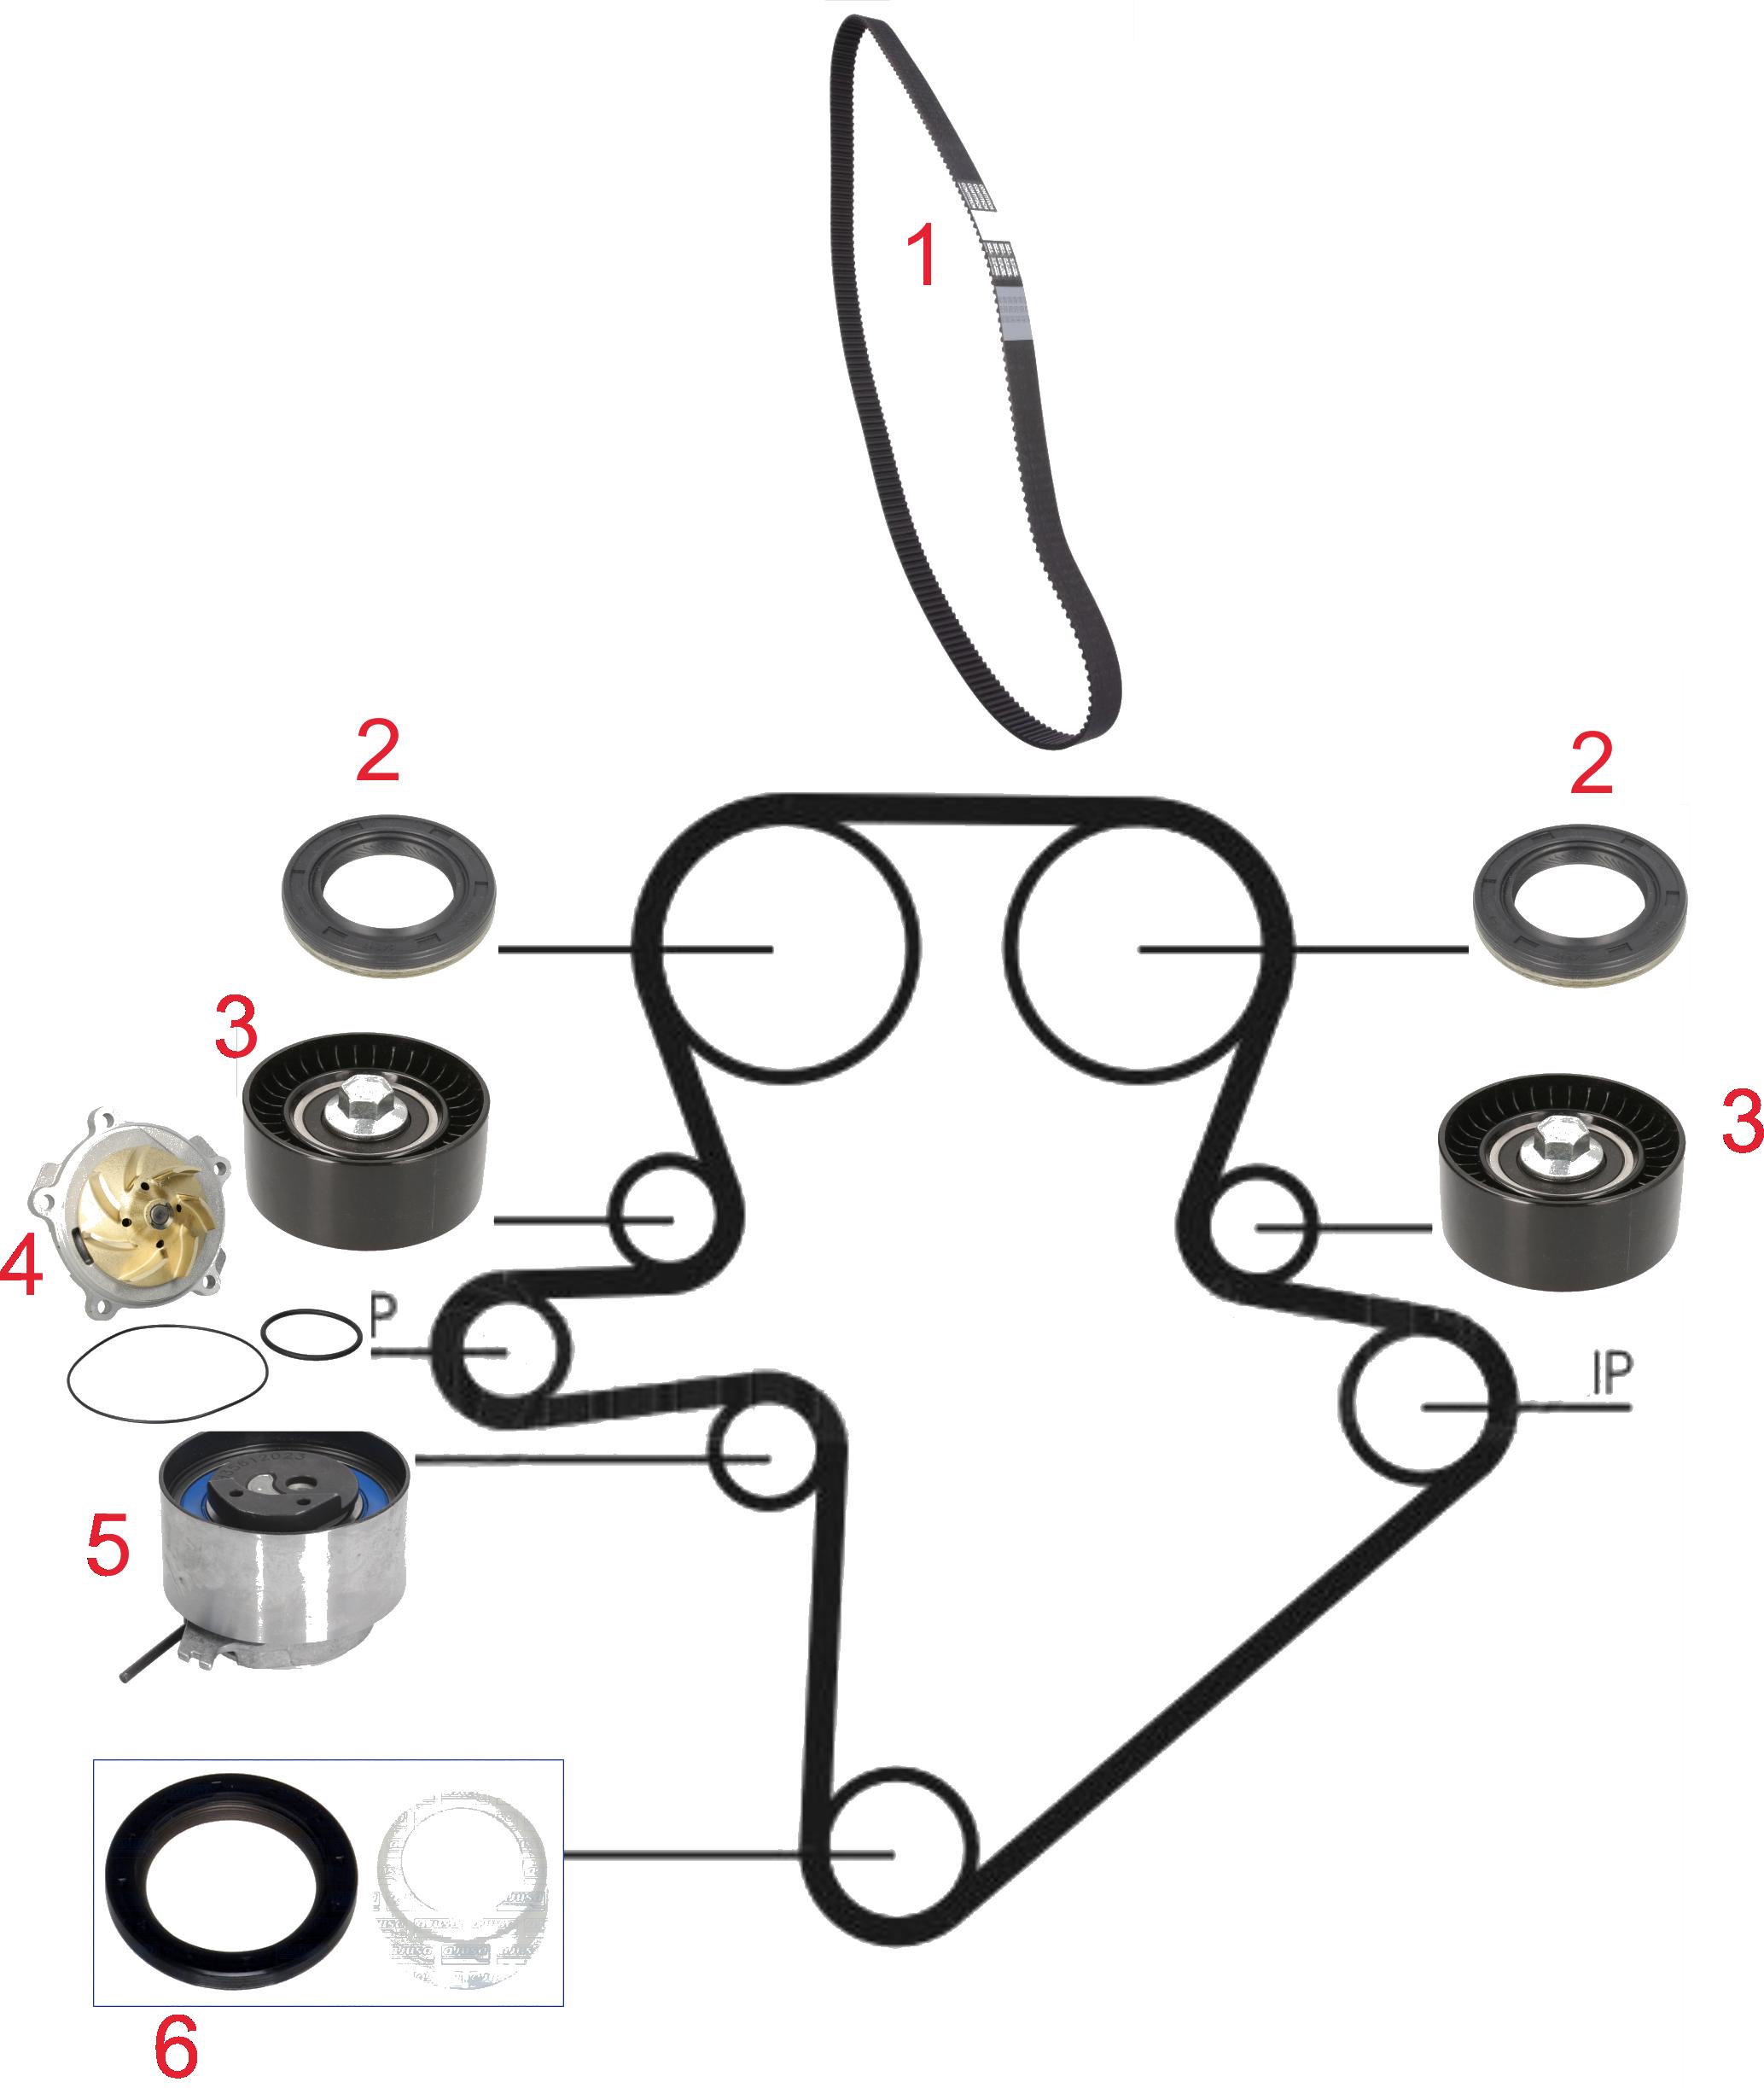 Pagrindinio diržo komplekto sudedamosios dalys